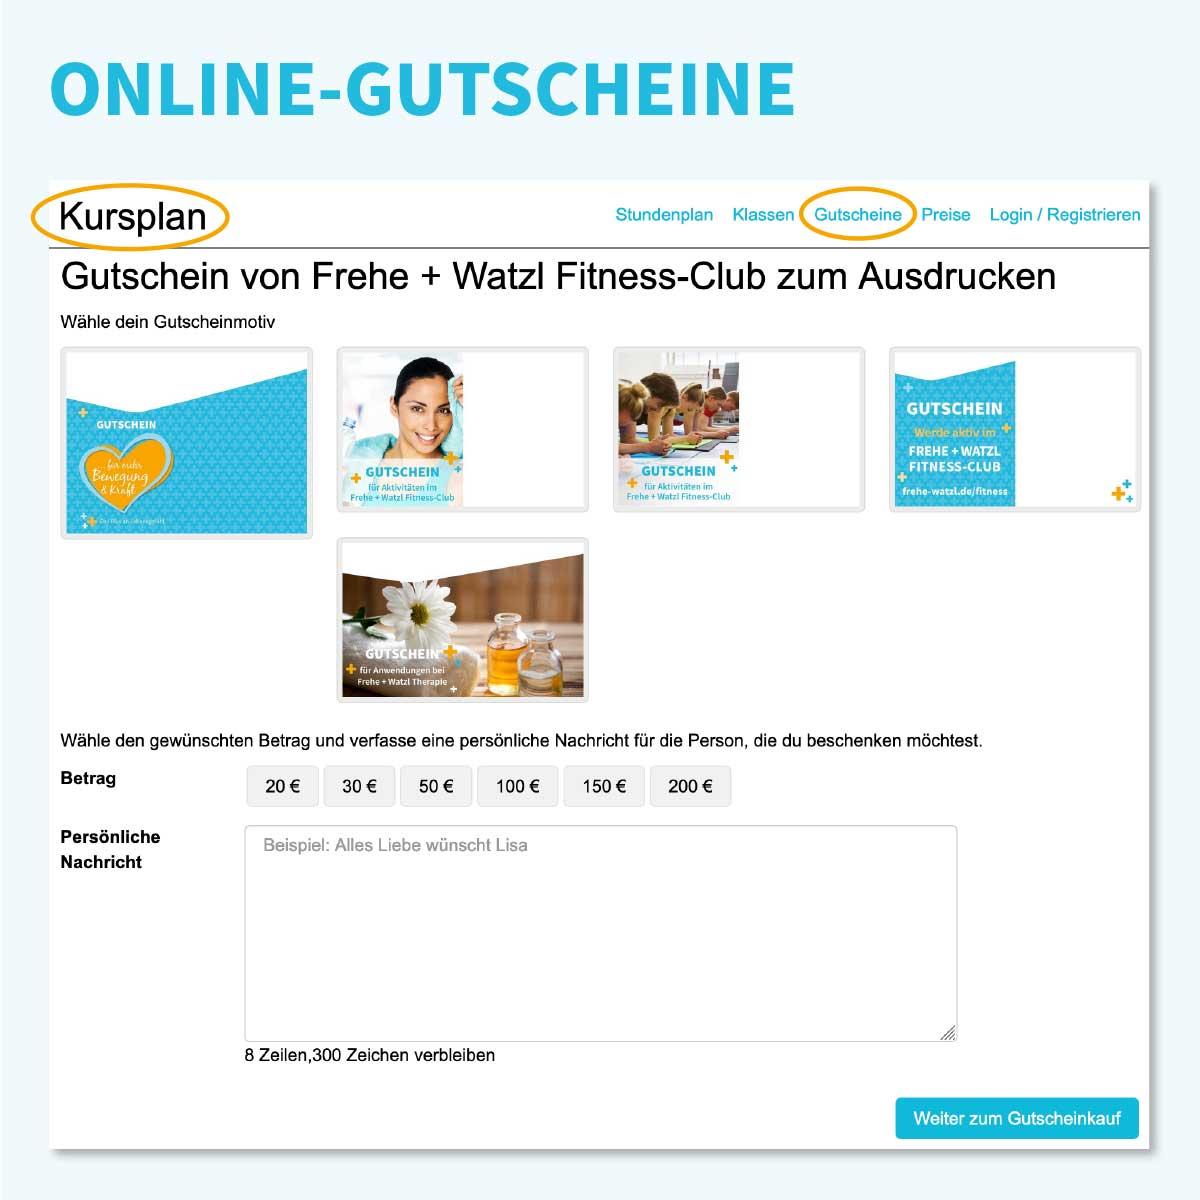 Gutscheine von Frehe + Watzl online kaufen